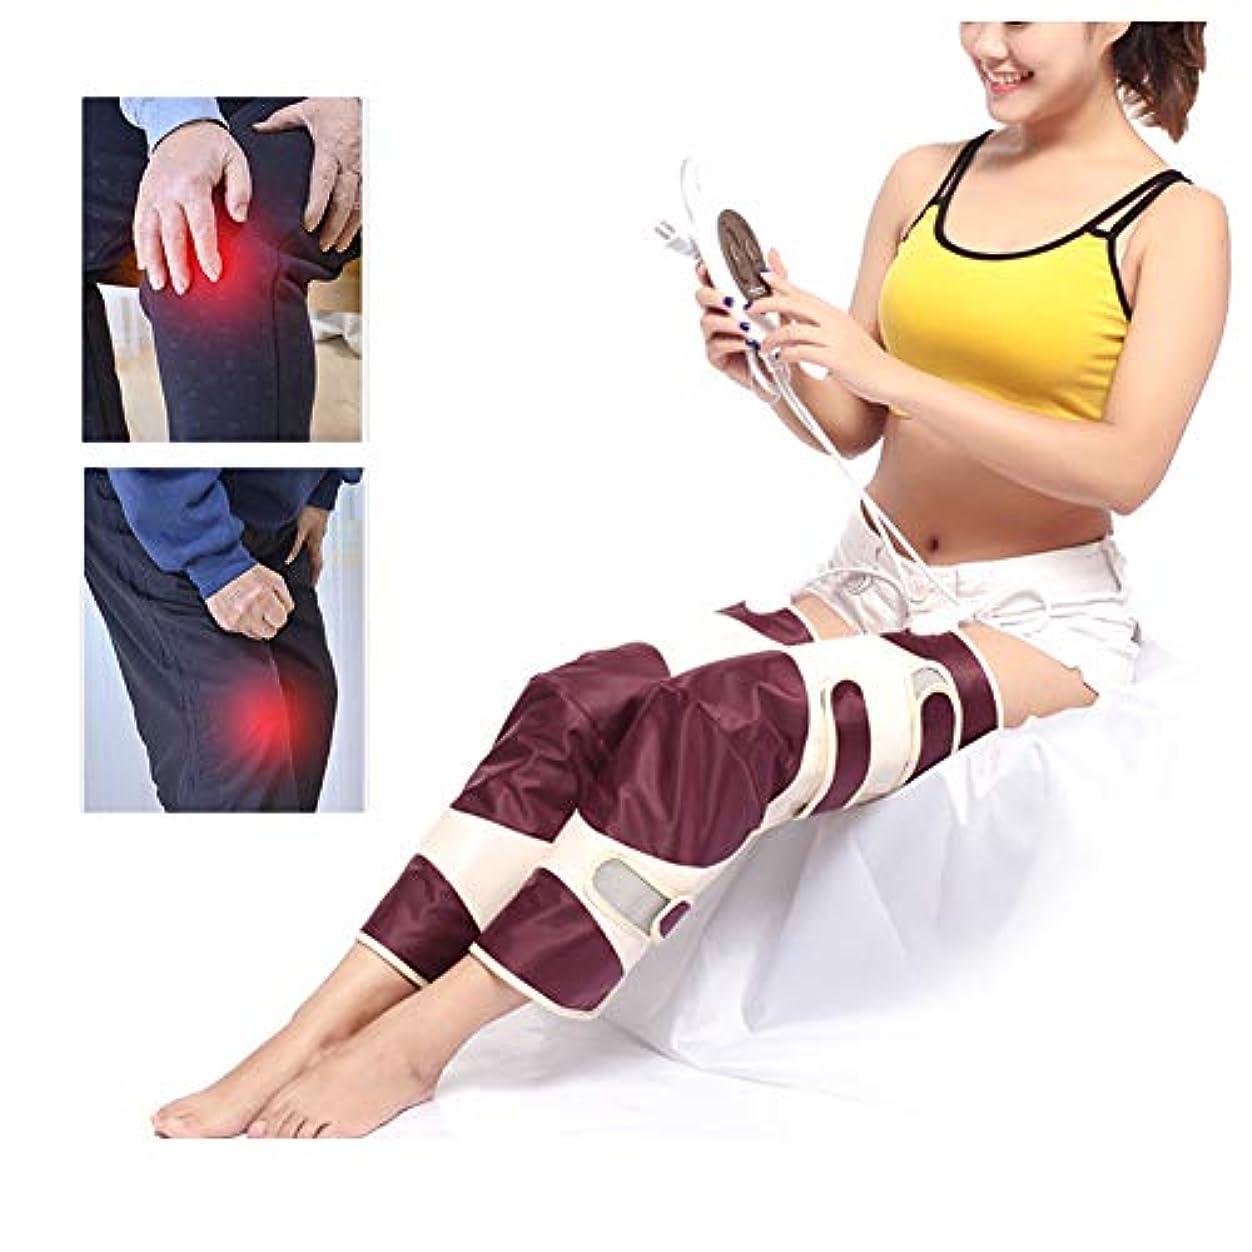 を必要としていますアデレード広範囲膝の怪我、痛みを軽減するための電気加熱膝ブレースサポート - 膝温かいラップ加熱パッド - 遠赤外線治療マッサージャー